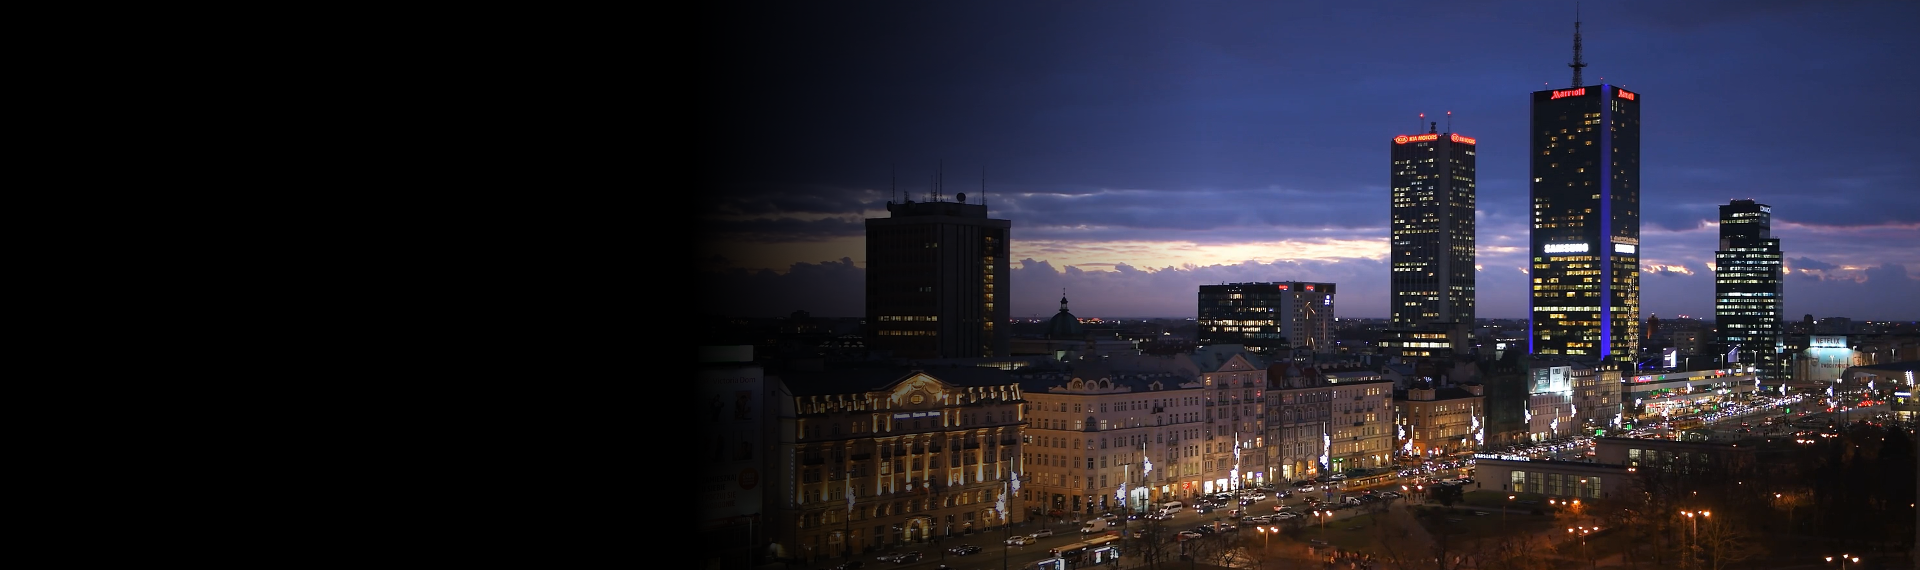 Wdrożenie enova365 w Warsaw Marriott Hotel